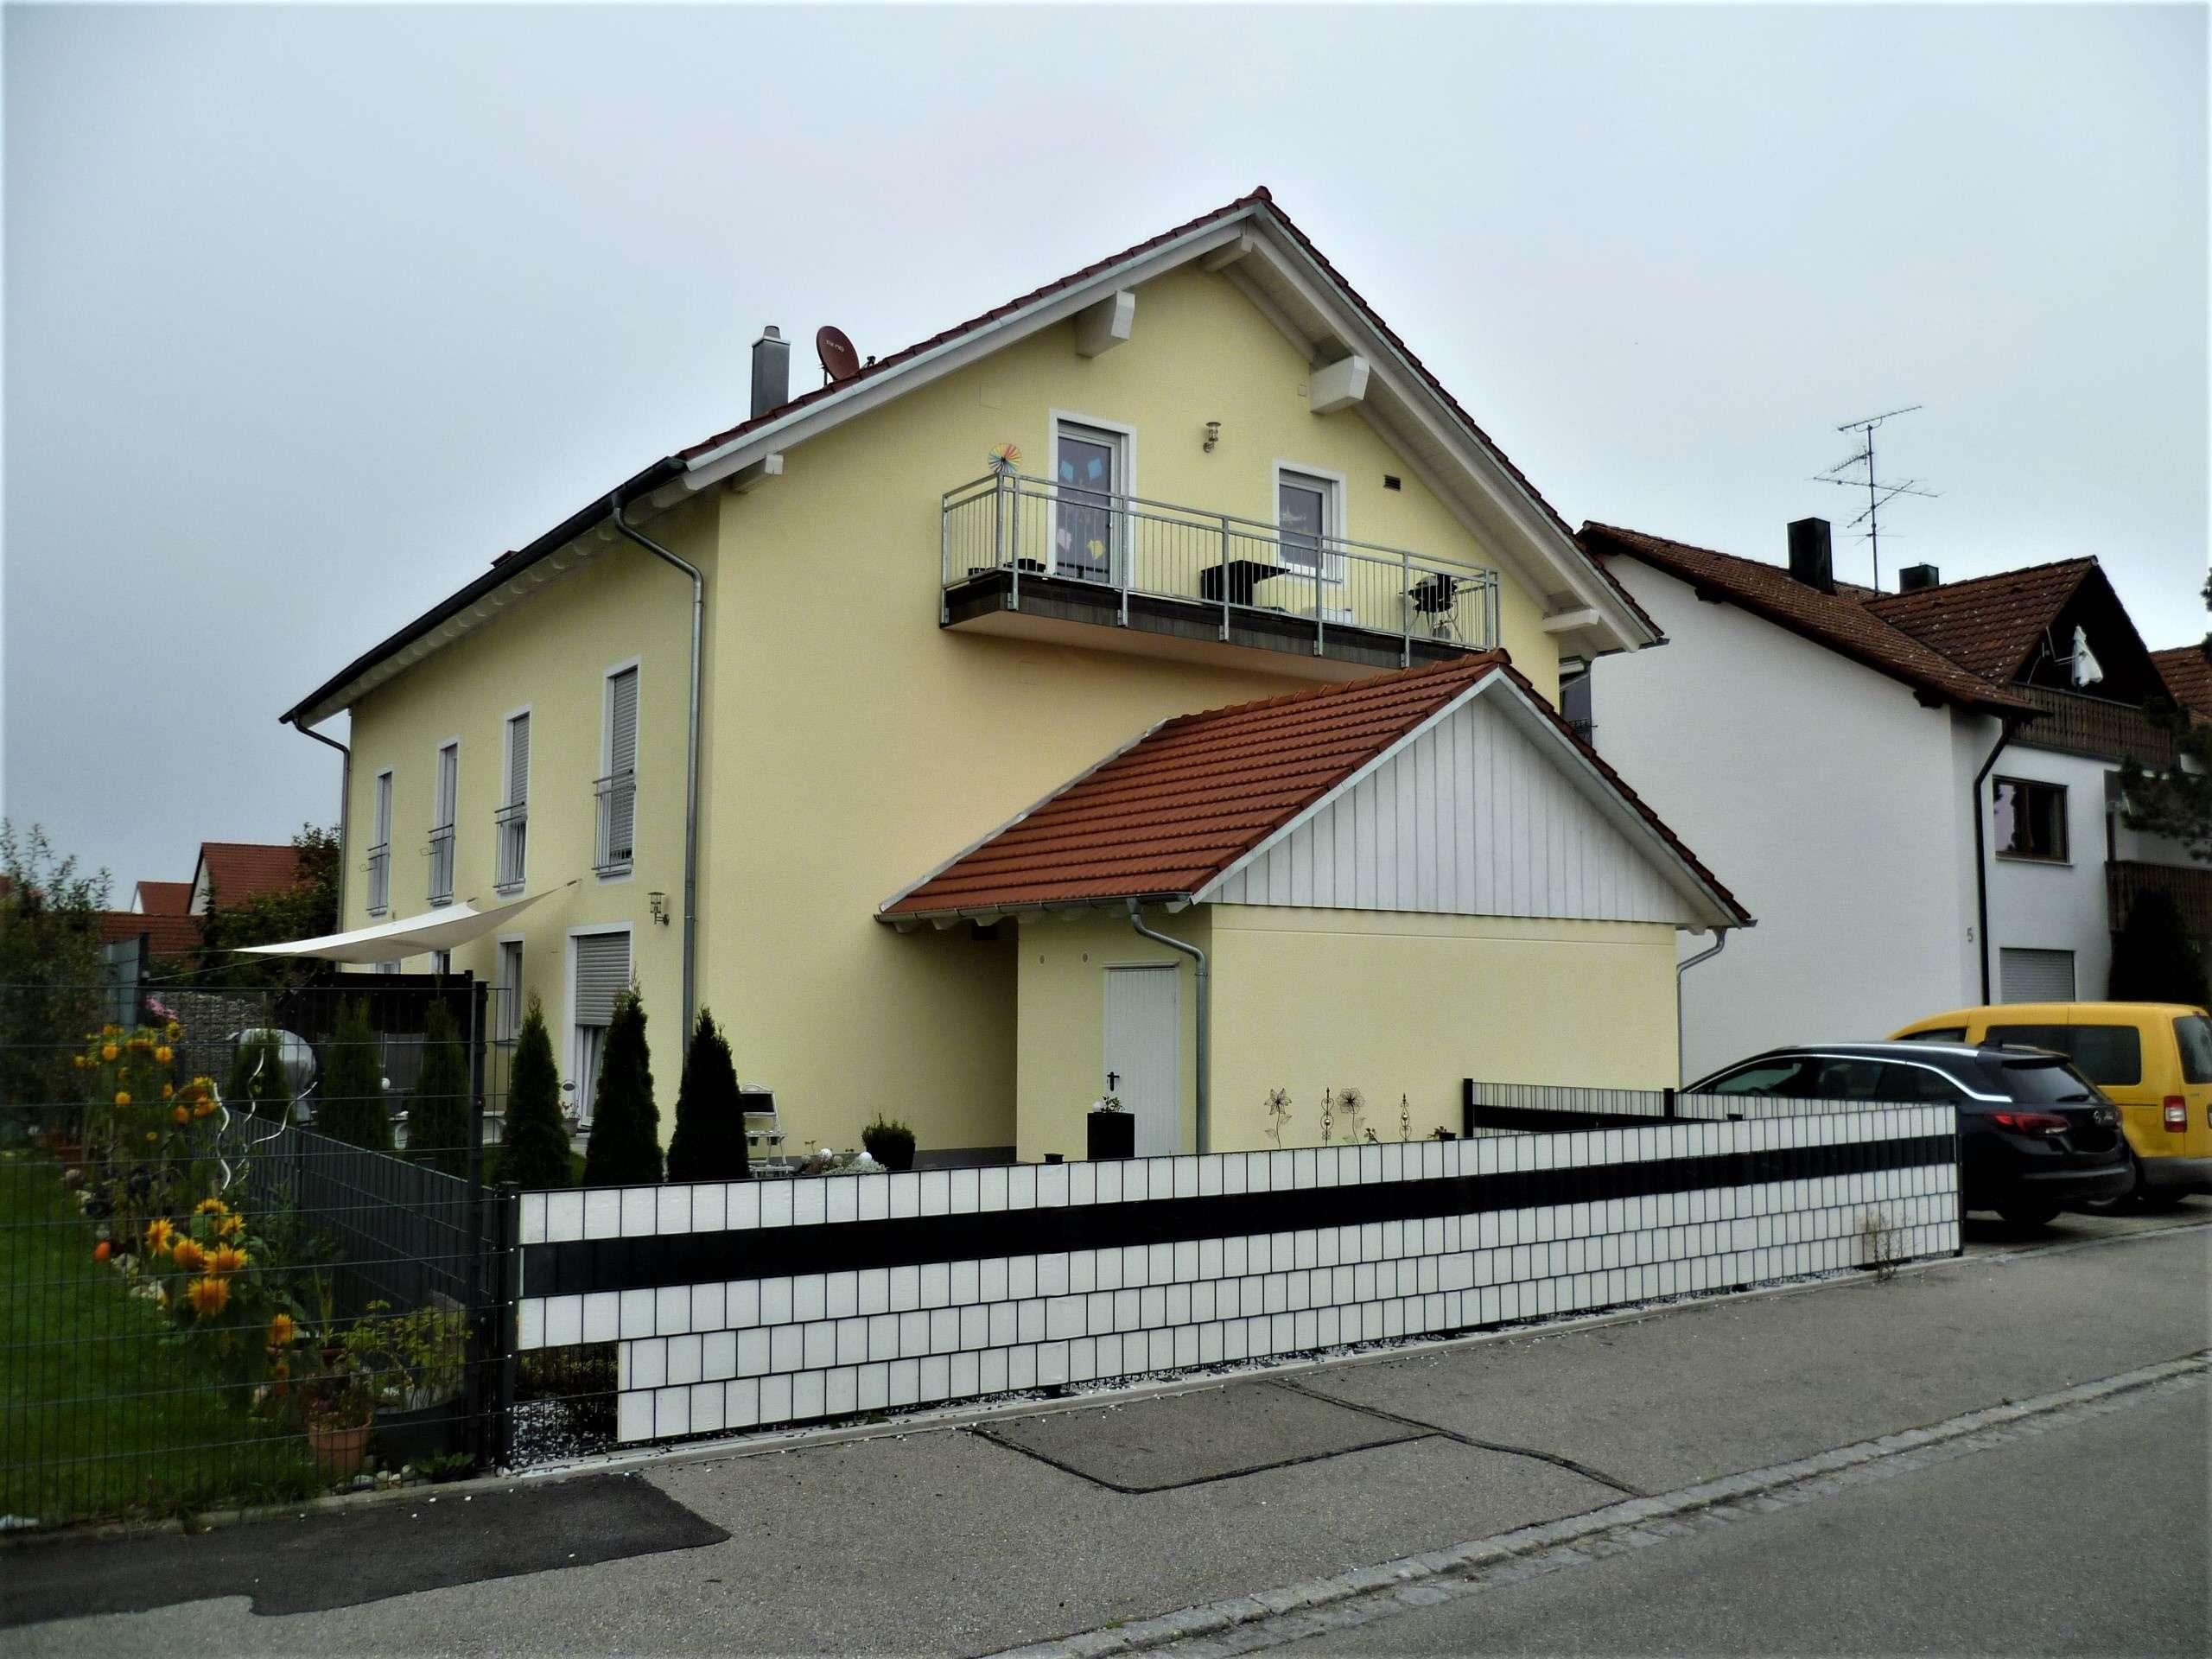 Moderne 5-Zimmer-DG-Wohnung mit Balkon und Garten in ruhiger Lage von Klosterlechfeld in Klosterlechfeld